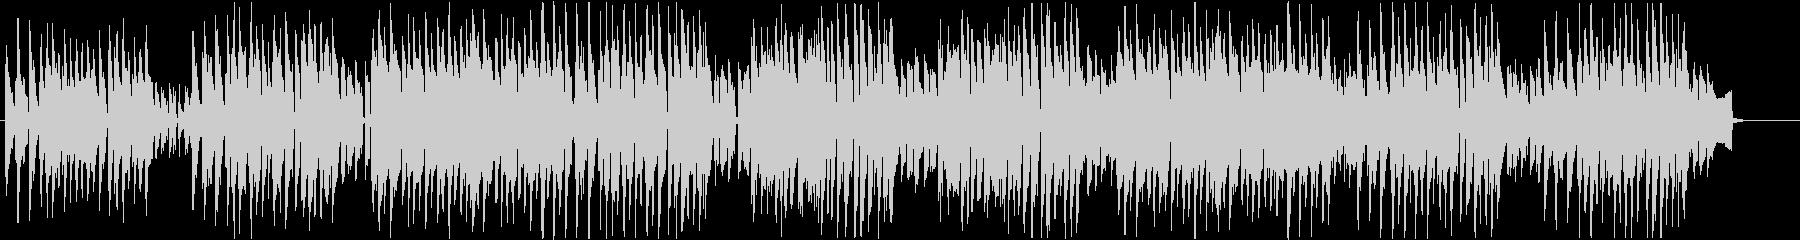 【ドラム抜き】ハッピーでポップなウクレレの未再生の波形